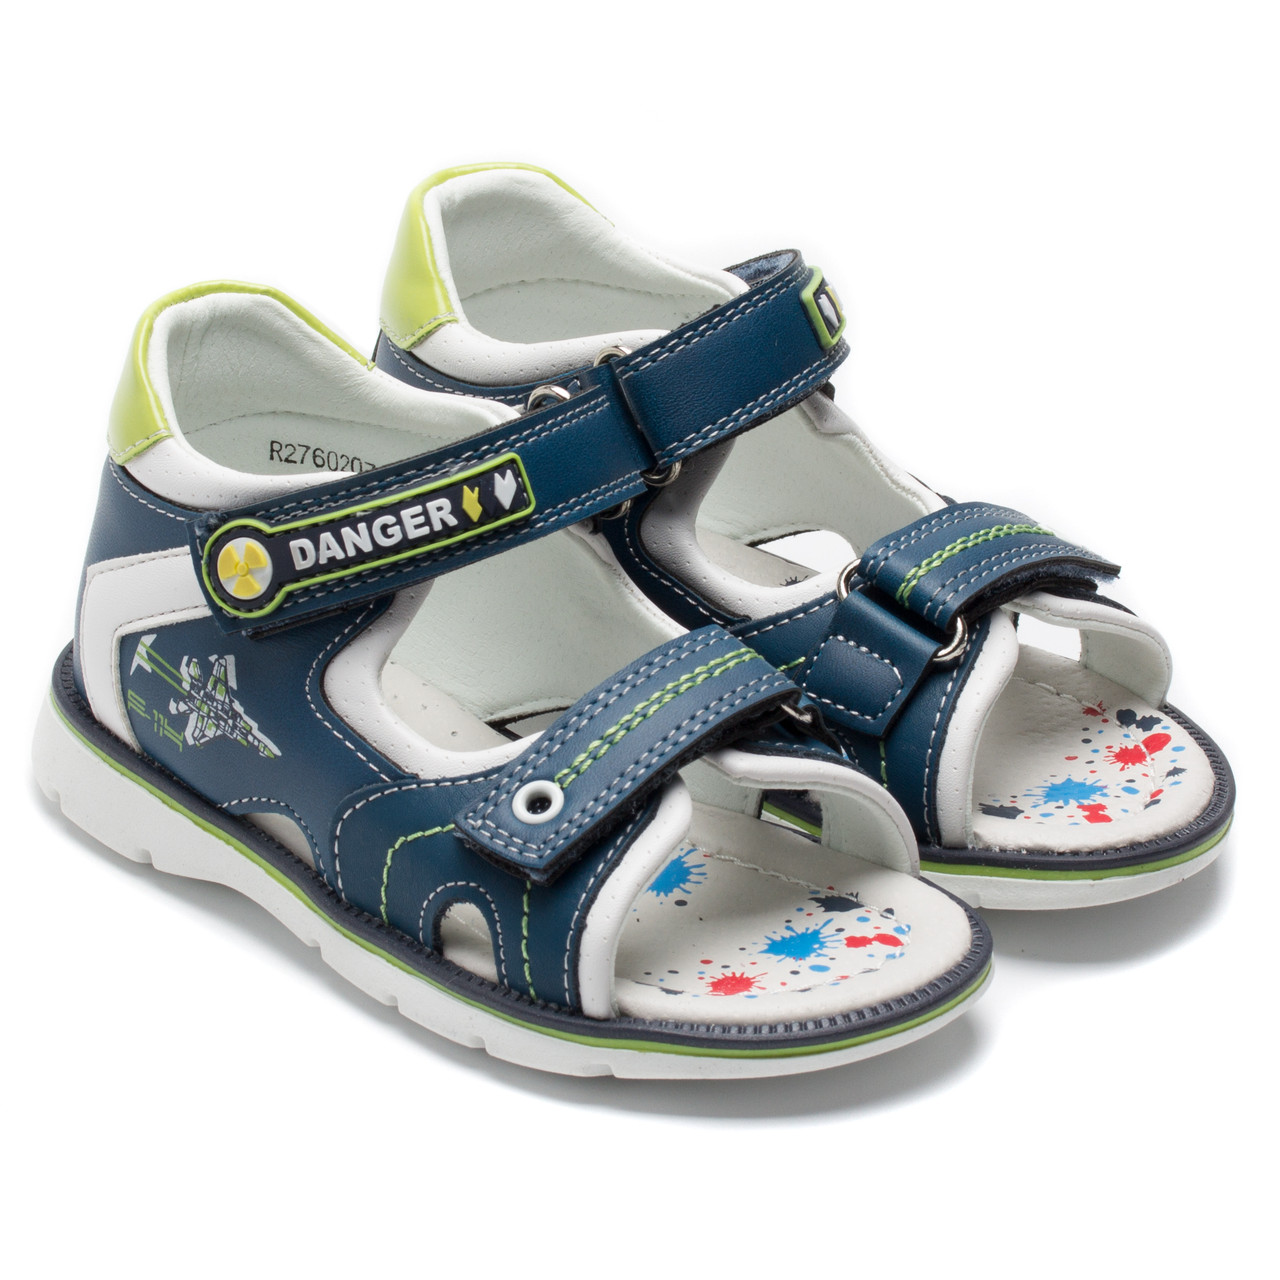 86400779c Ортопедические босоножки Сказка для мальчика, размер 20-25 - Детская обувь  ORTOPEDIC в Киеве